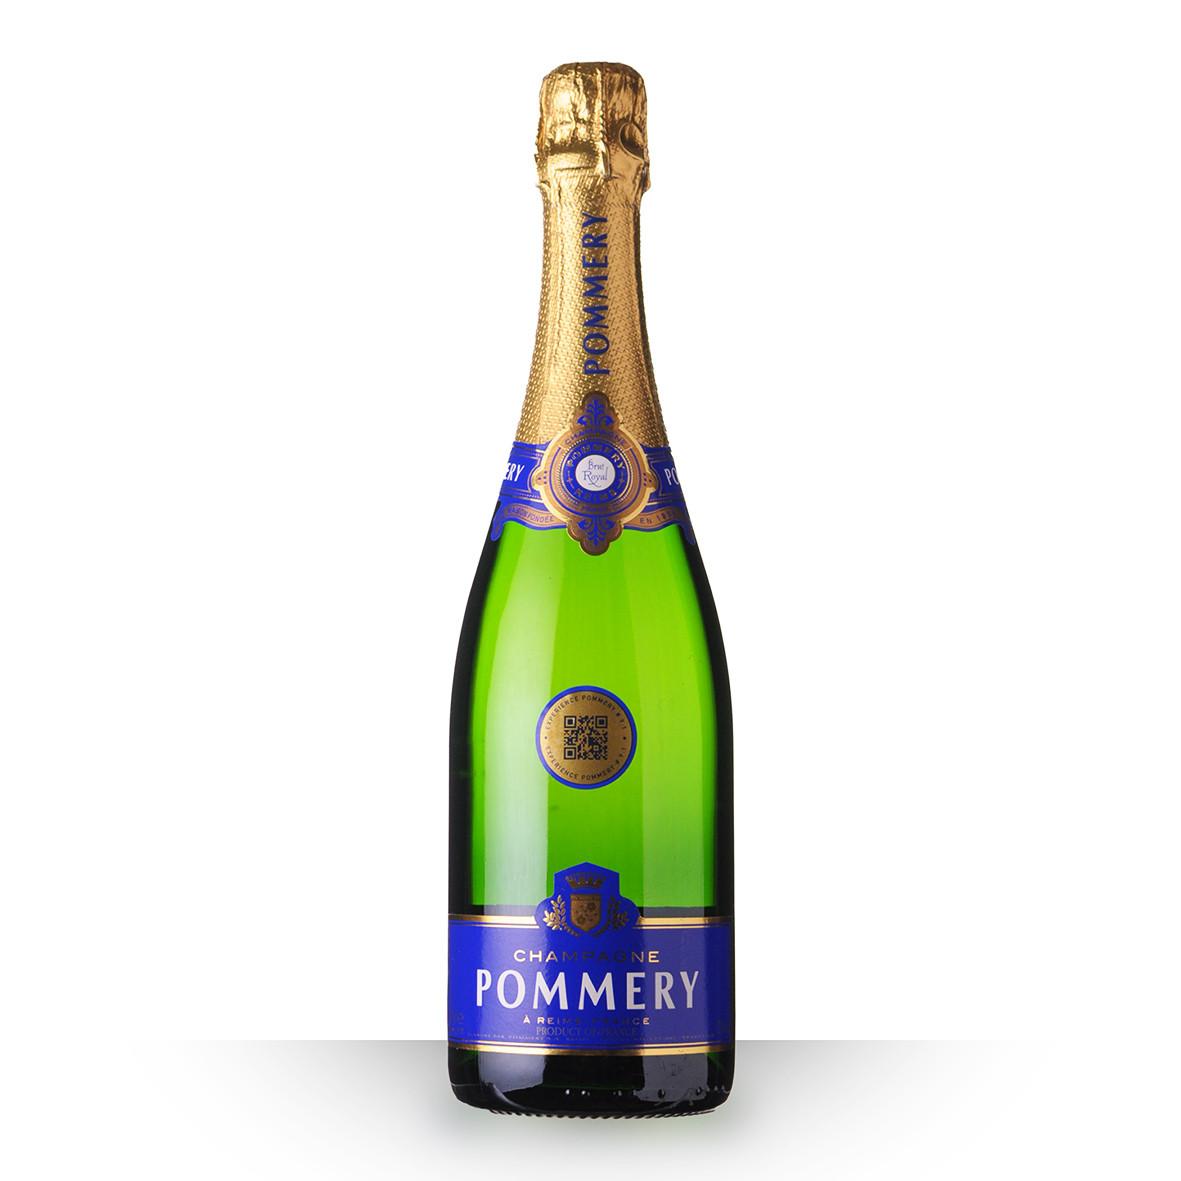 Champagne Pommery Brut Royal 75cl www.odyssee-vins.com